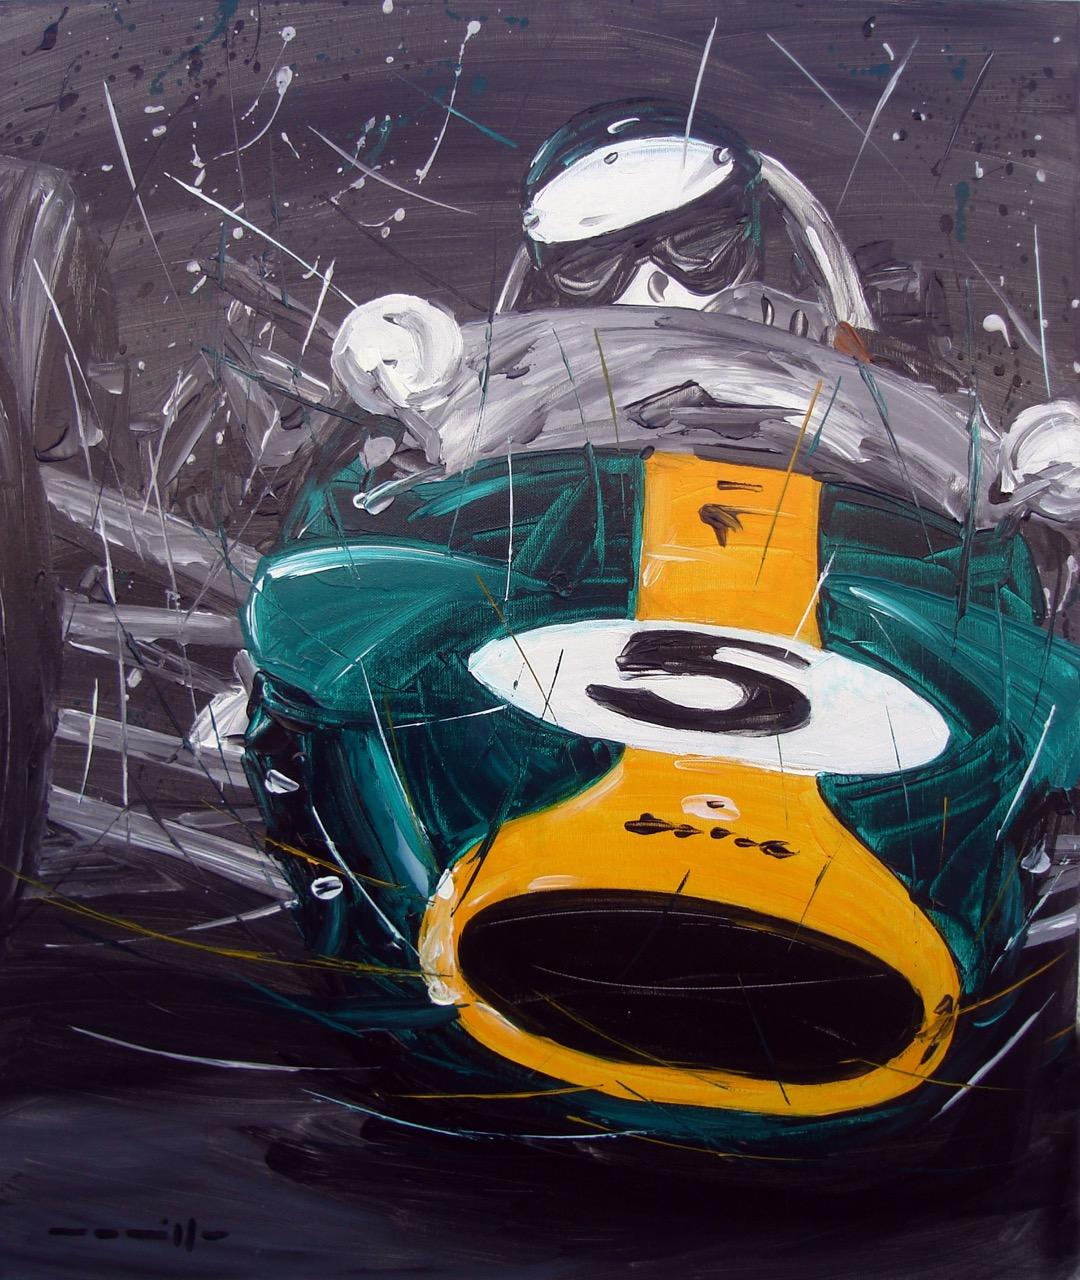 Jim Clark_Lotus64_76.jpg